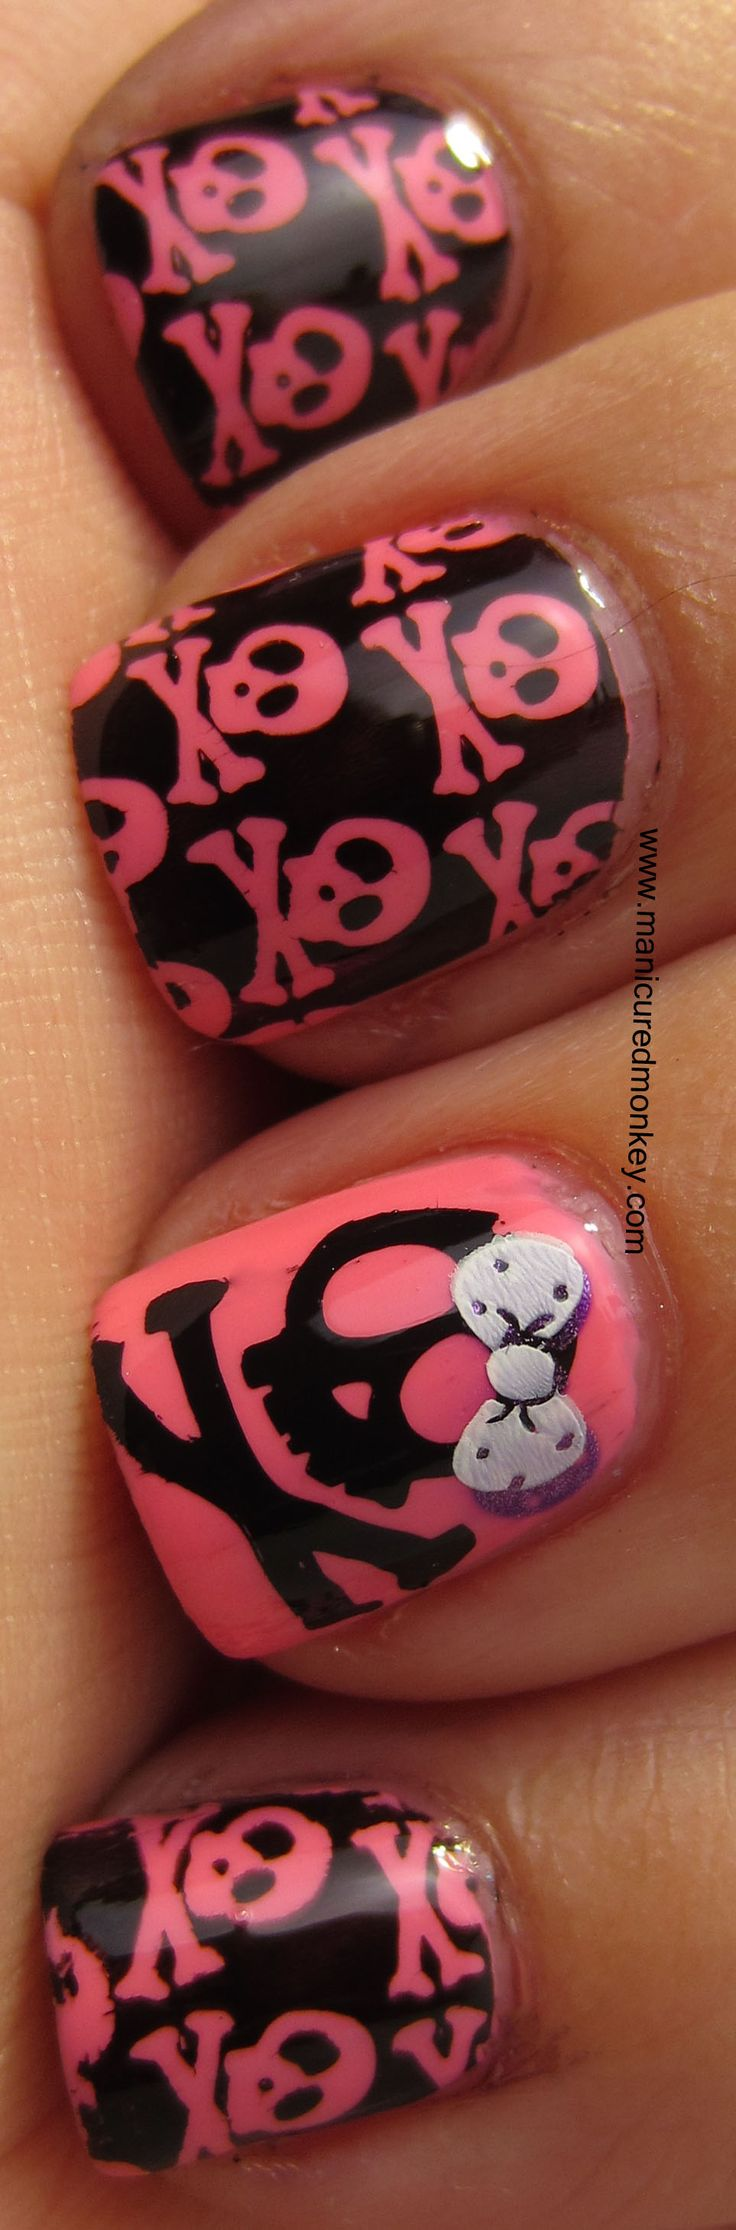 skulls & bows